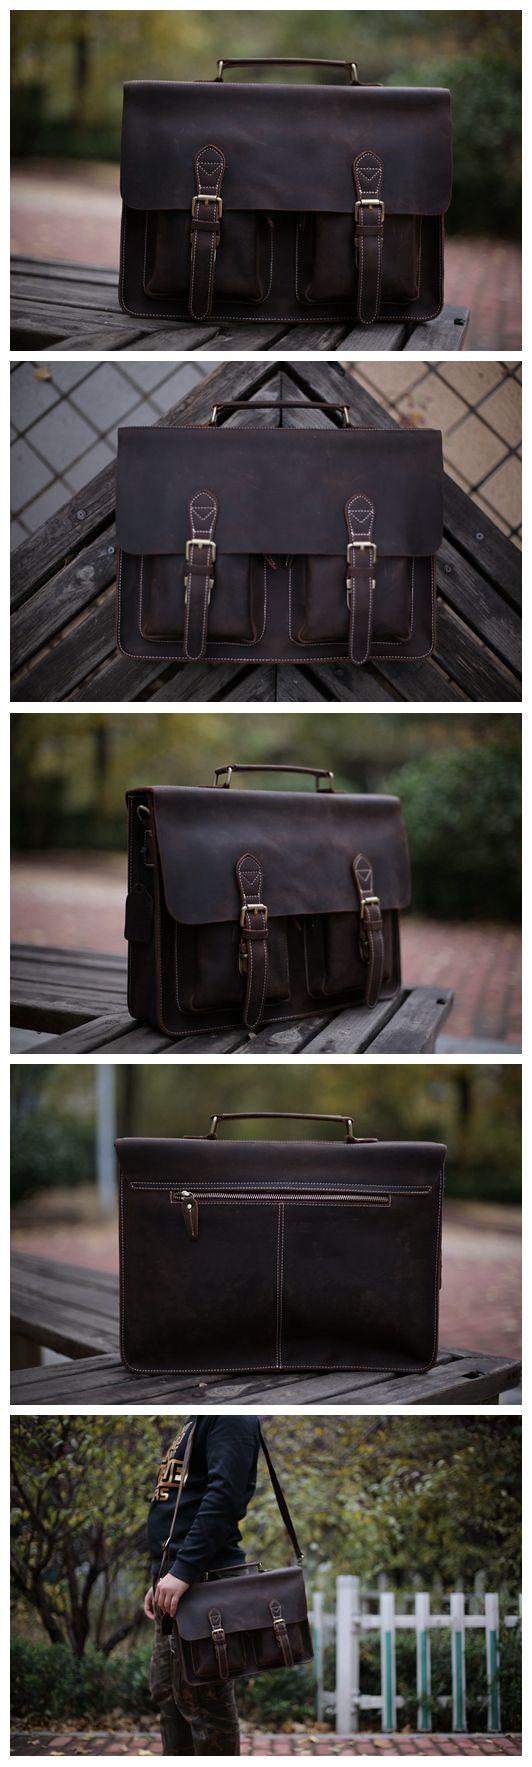 """Handcrafted Top Grain Genuine Leather Laptop Briefcase Business Handbag Men Messenger Bag 0344 Model Number: 0344 Dimensions: 15.3""""L x 3.5""""W x 11""""H / 39cm(L) x 9cm(W) x 28cm(H) Weight: 3.5lb / 1.7kg H"""